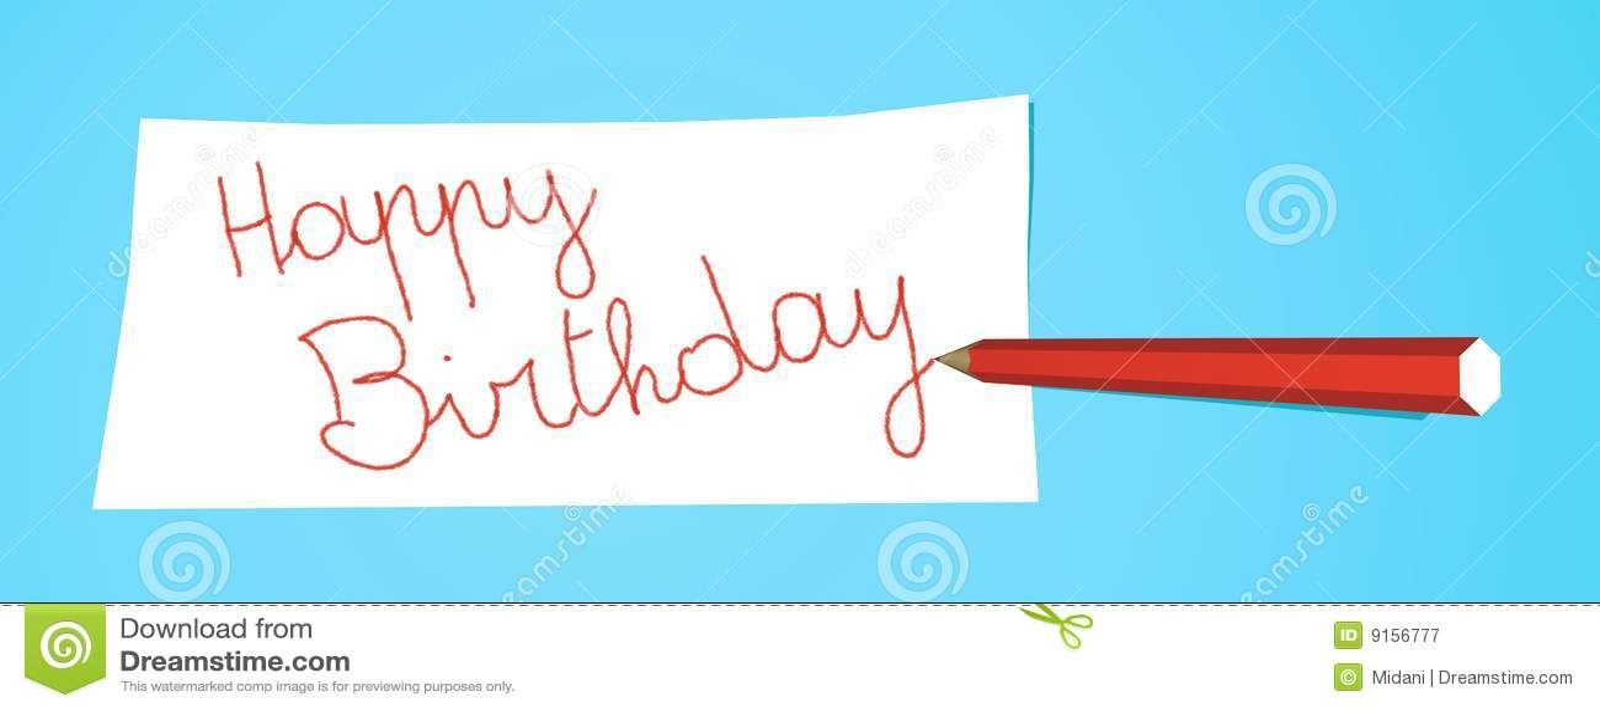 Bleistift Mit Anmerkung Alles Gute Zum Geburtstag Stock Abbildung